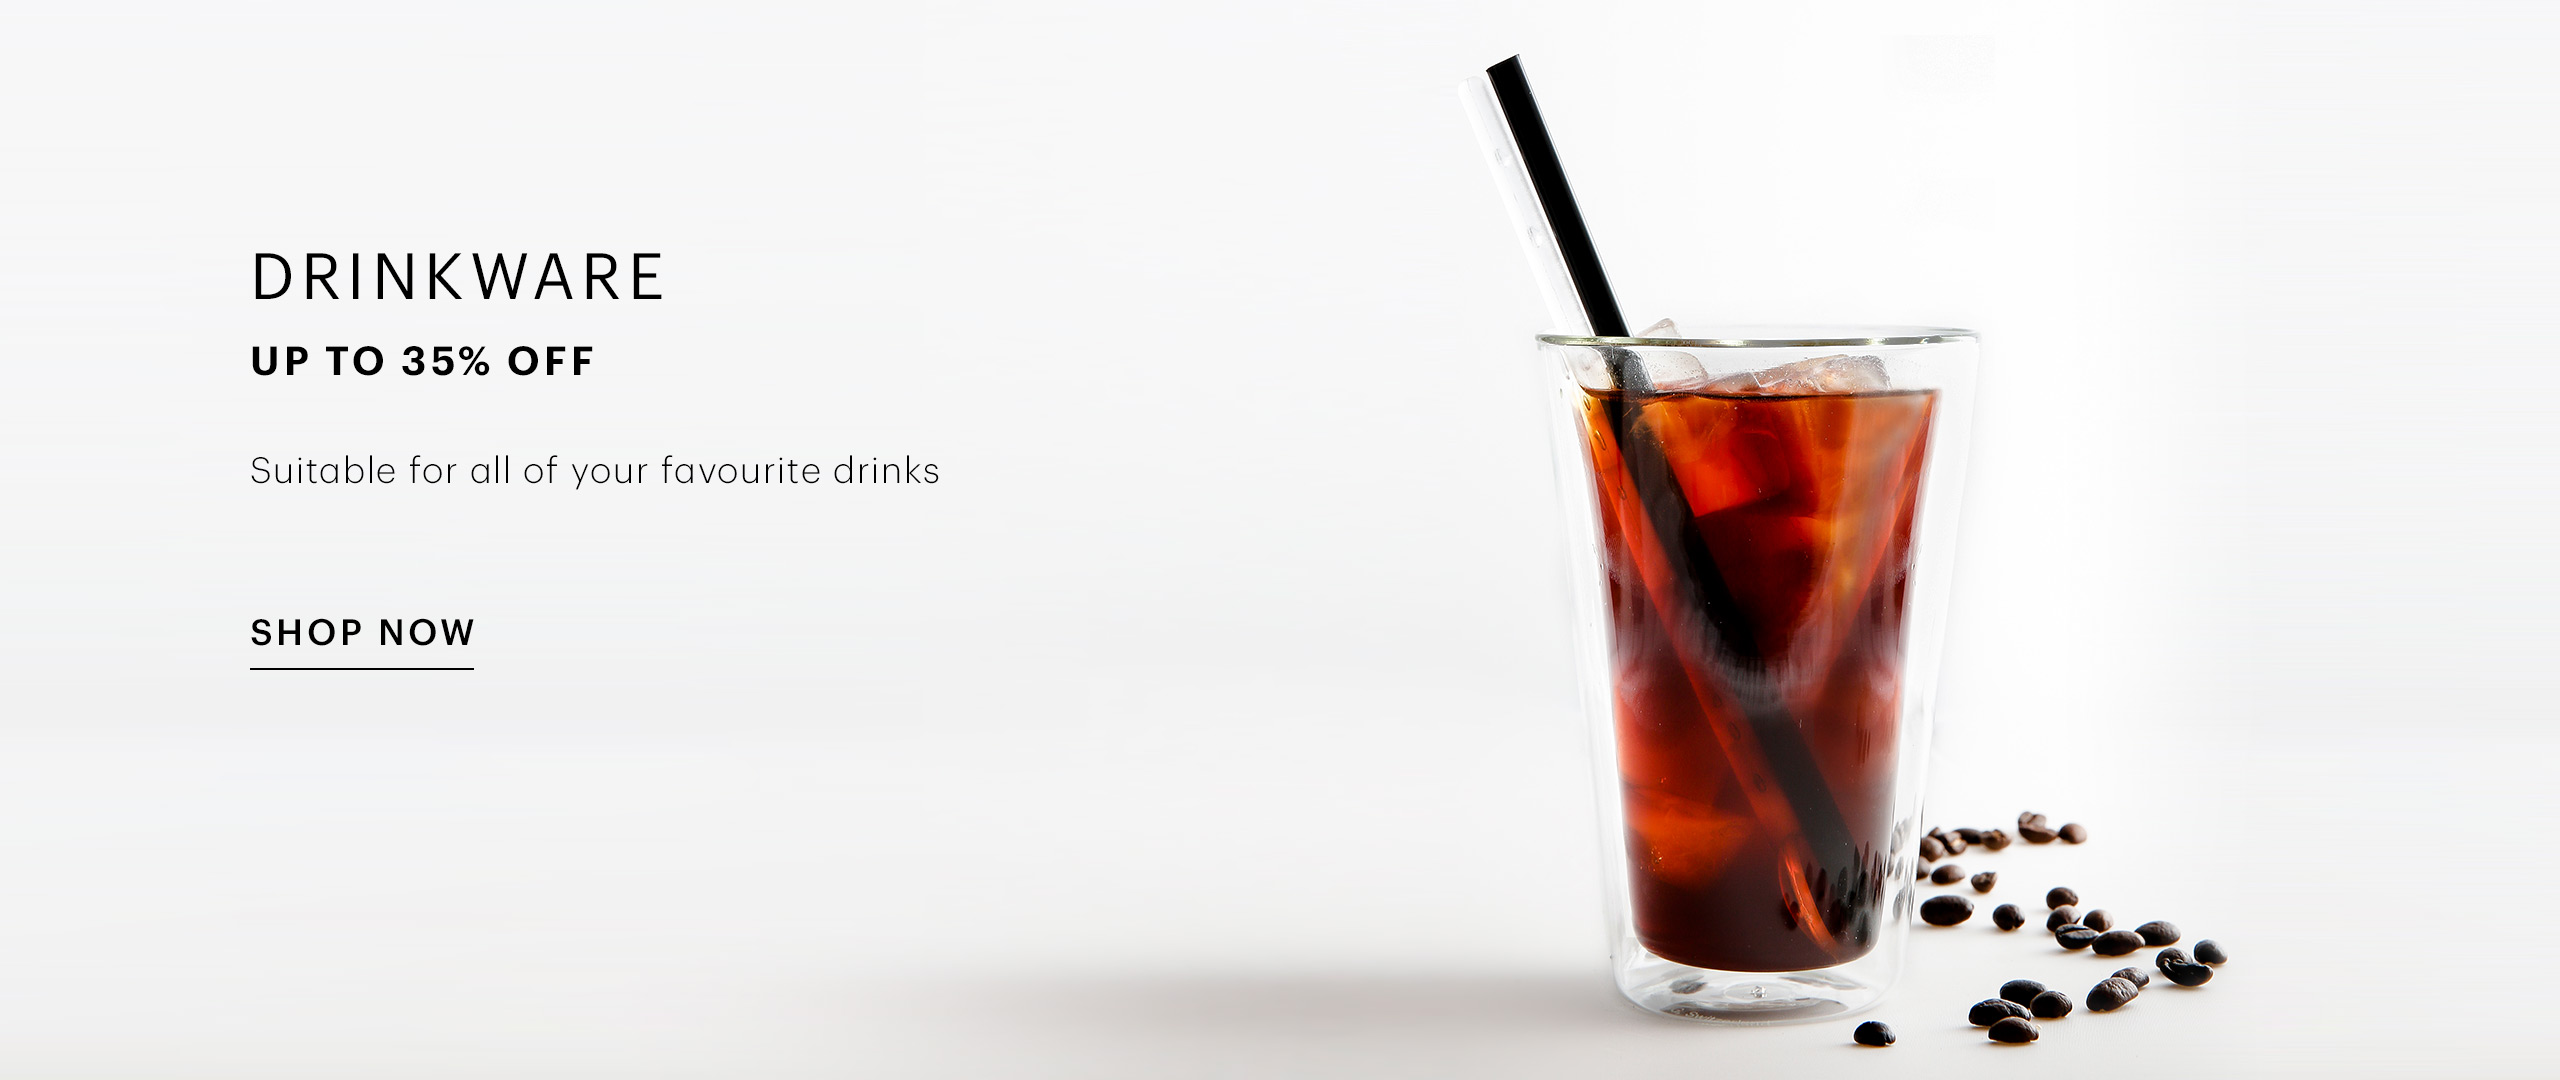 BEU [EN] - Drinkware